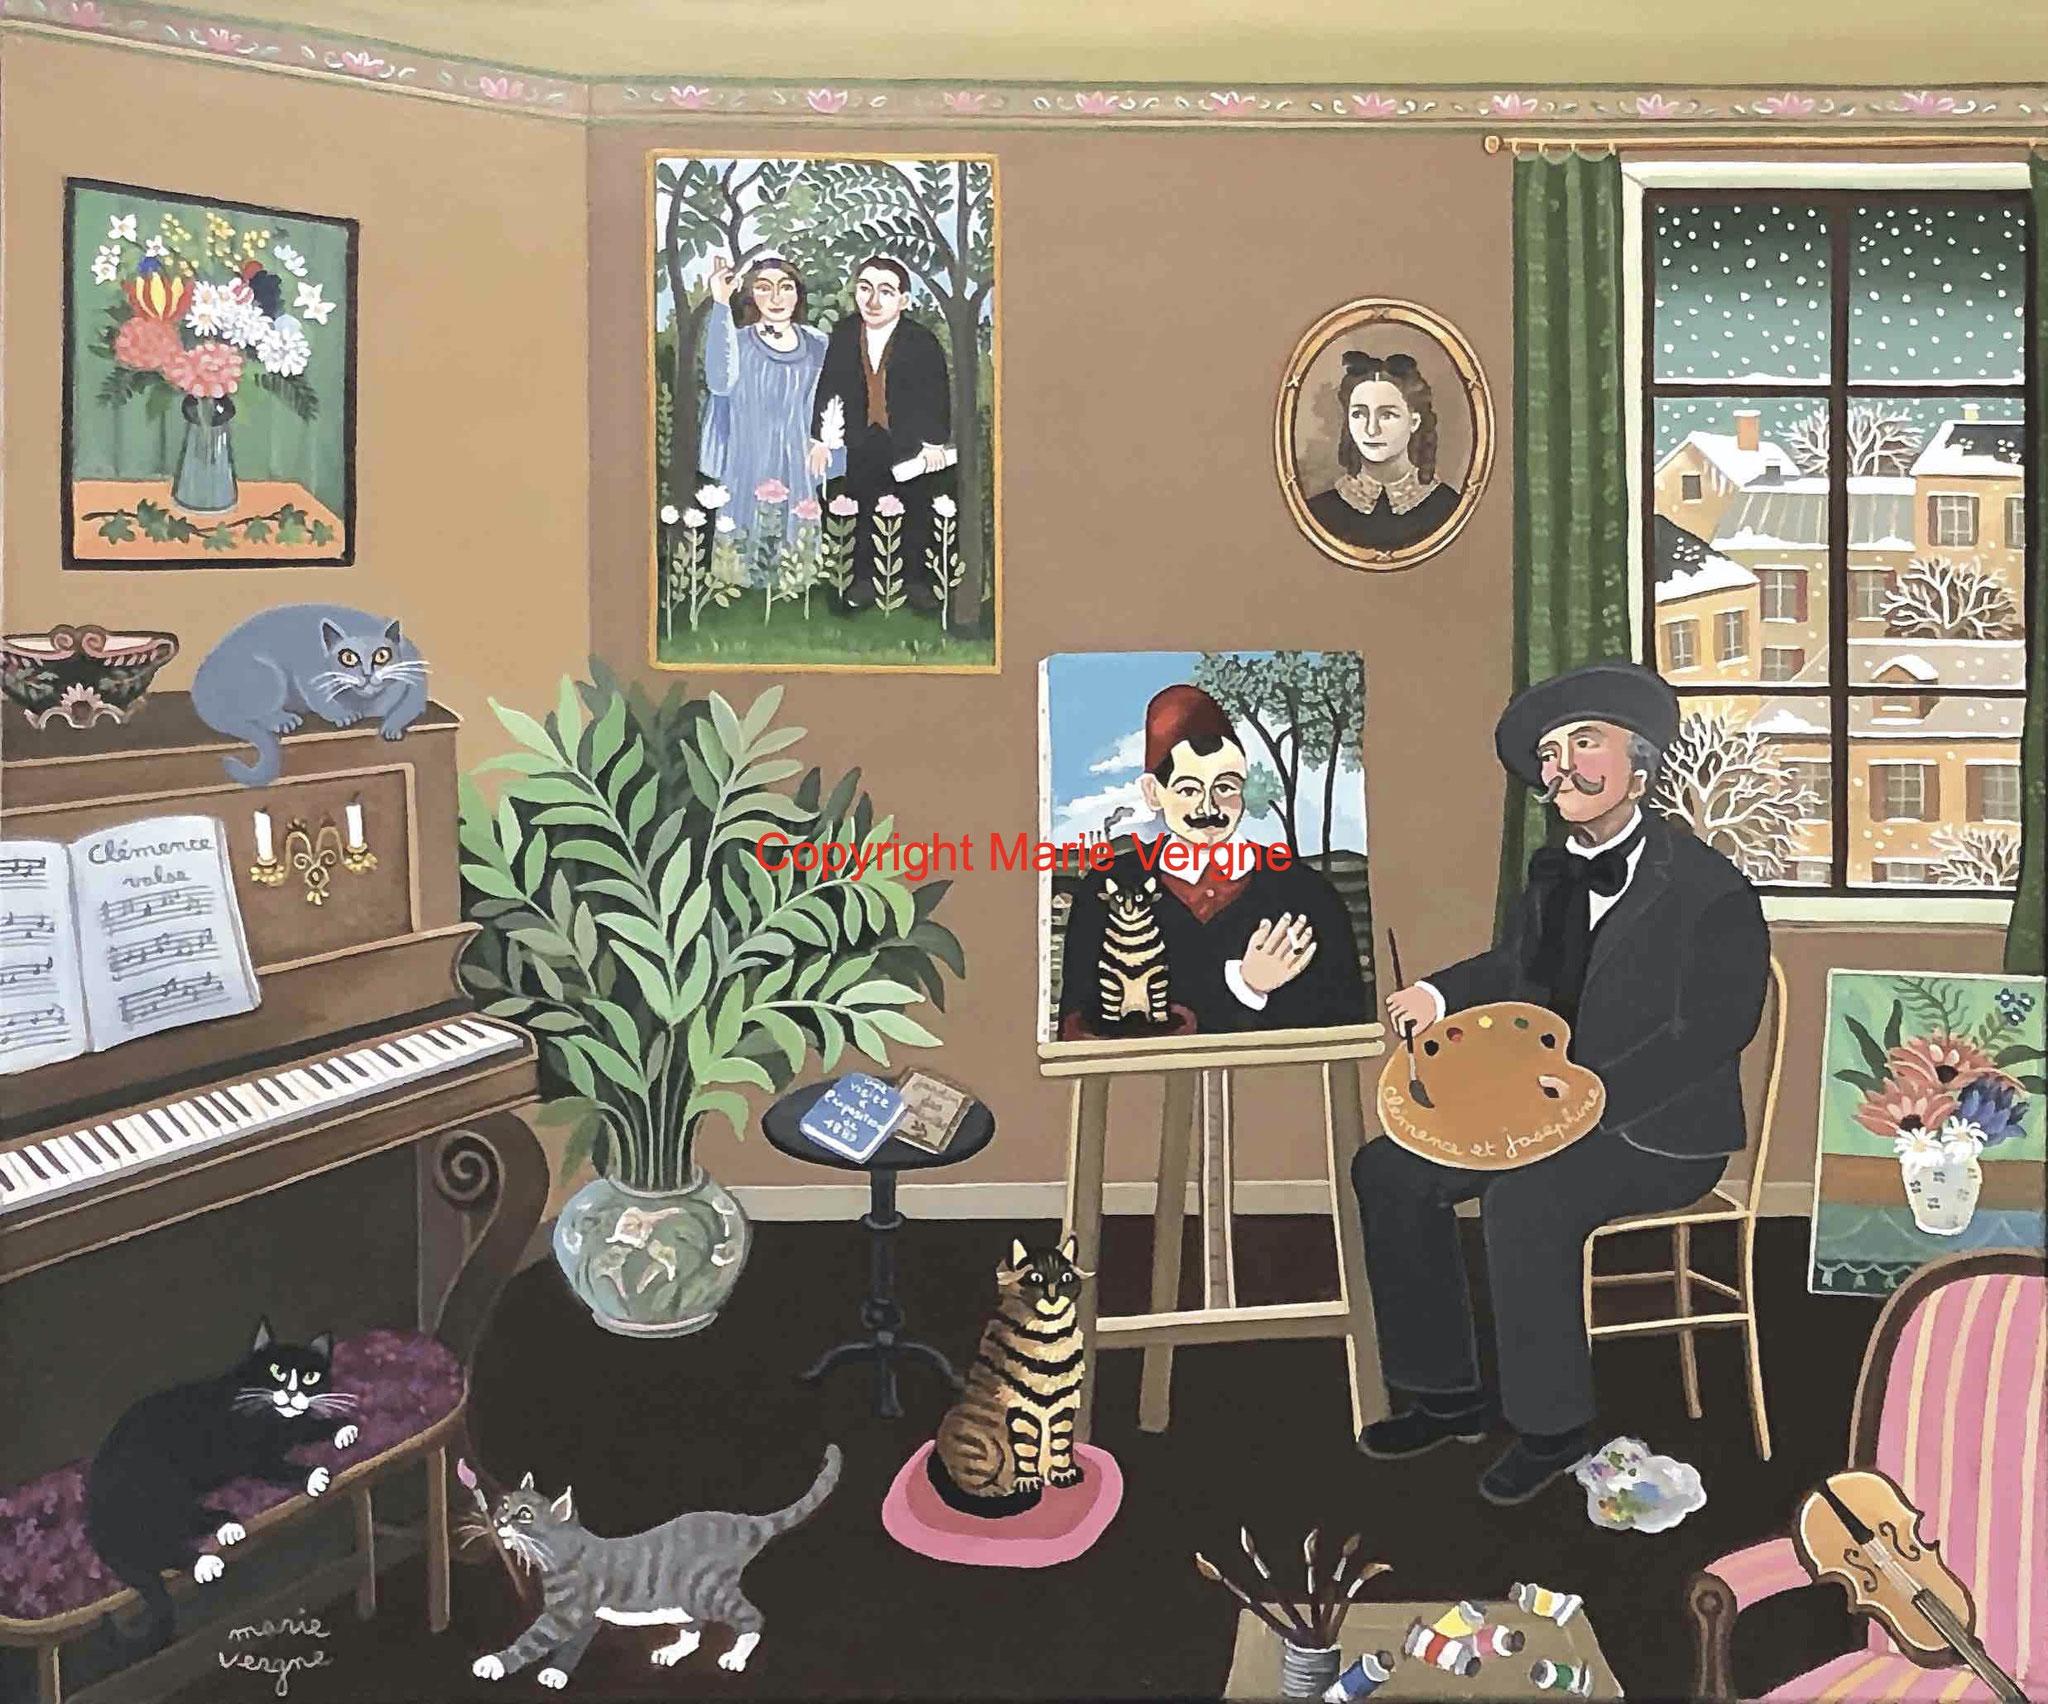 Rousseau et le chat de Pierre Loti   Format  10 F  55cm x 46cm